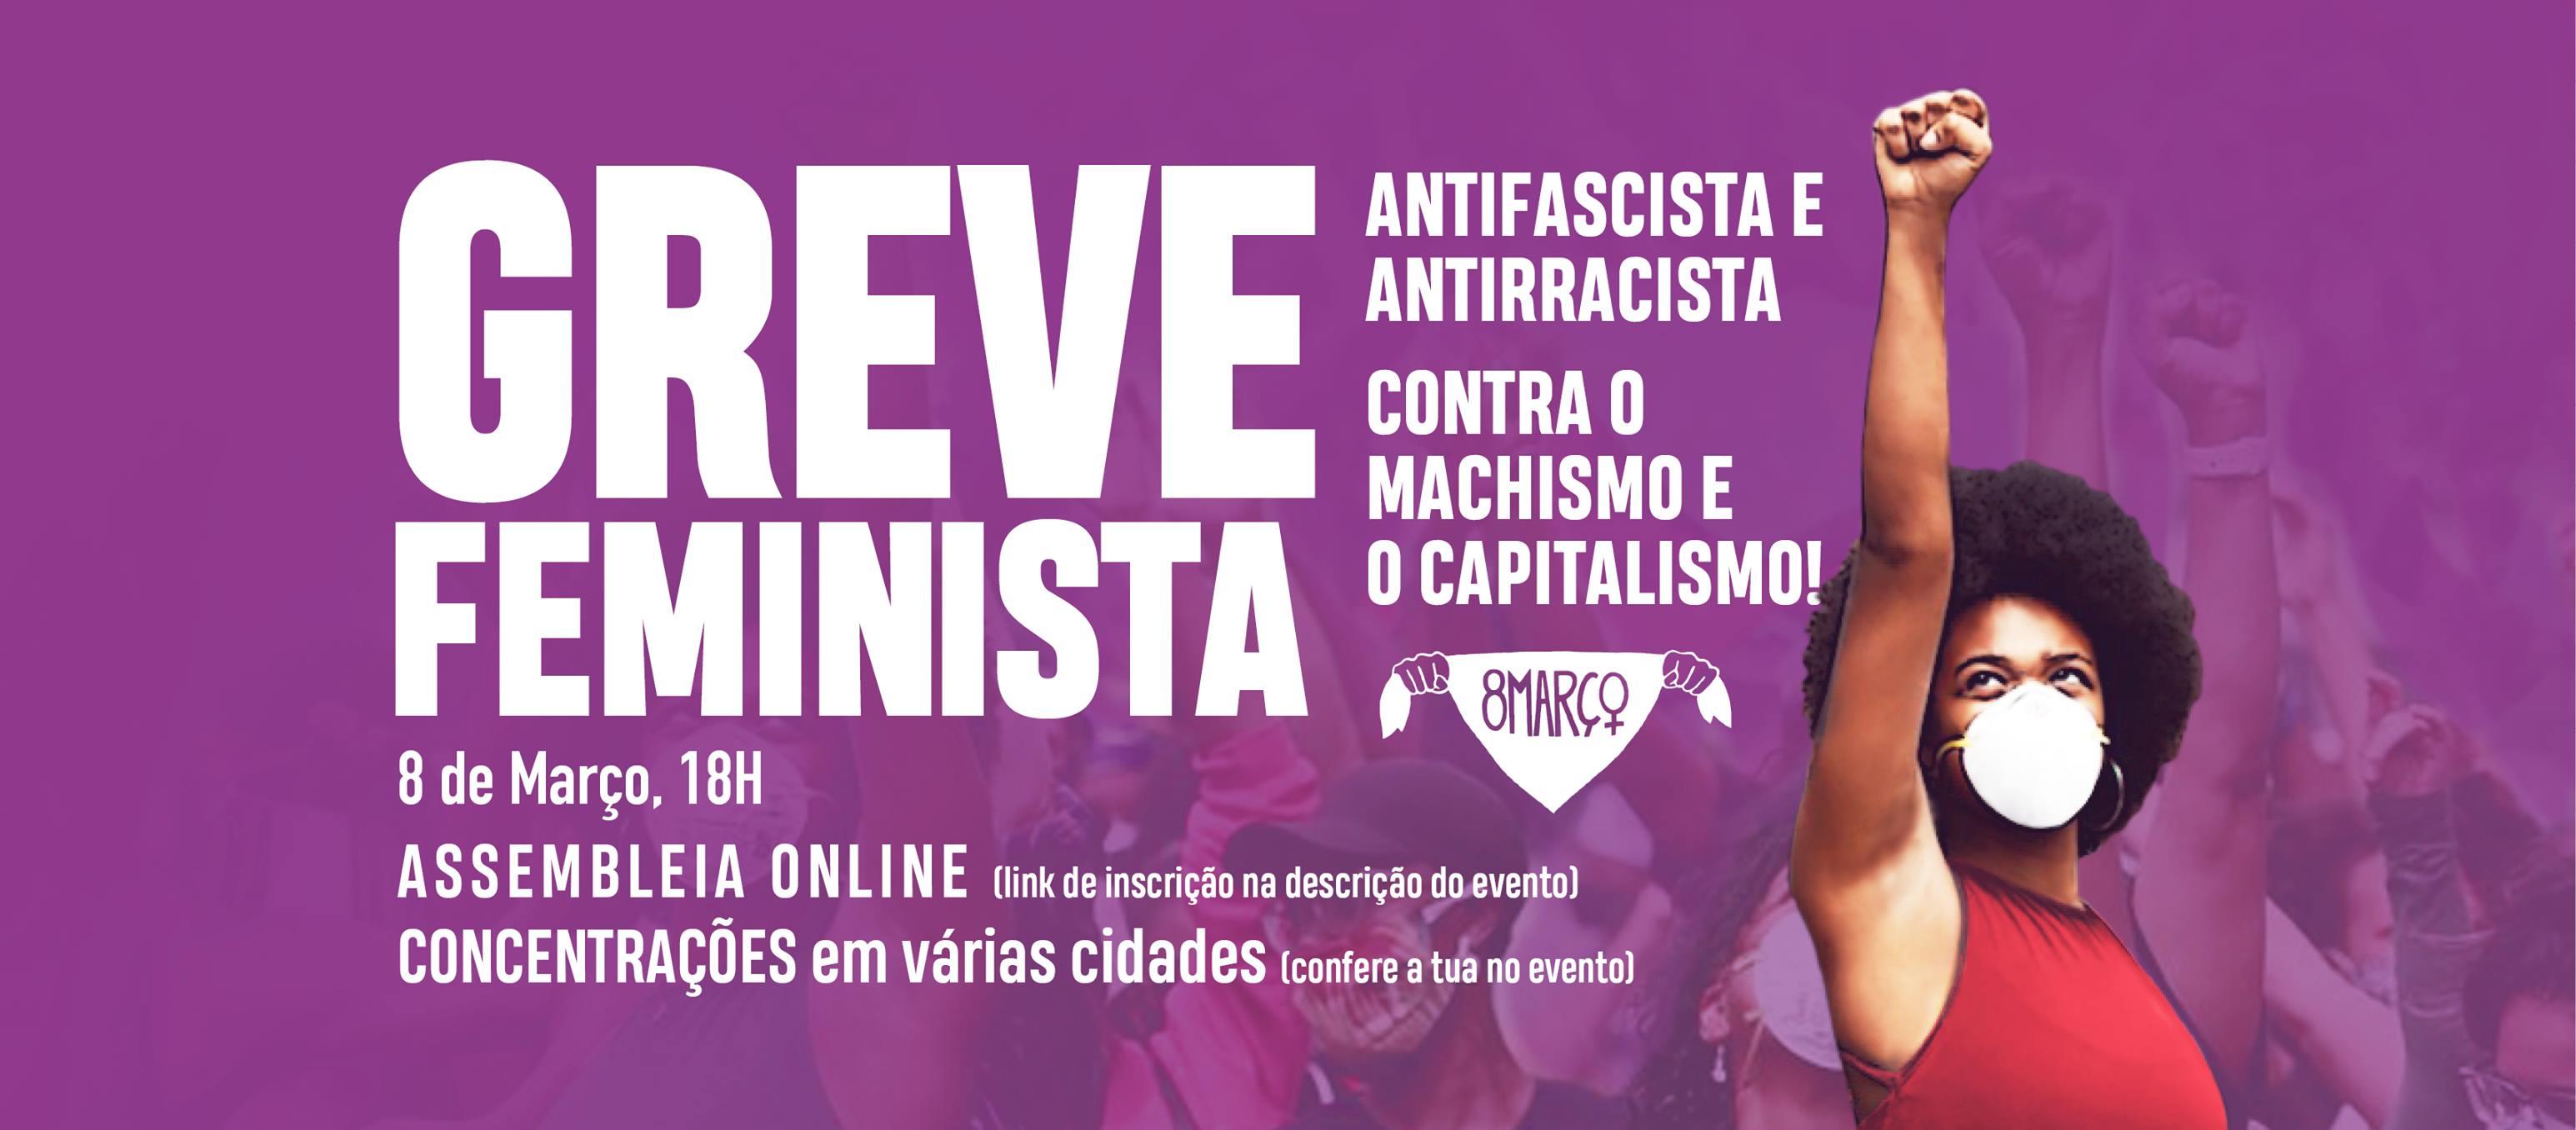 image from 5 Motivos para sair à RUA no 8 de Março